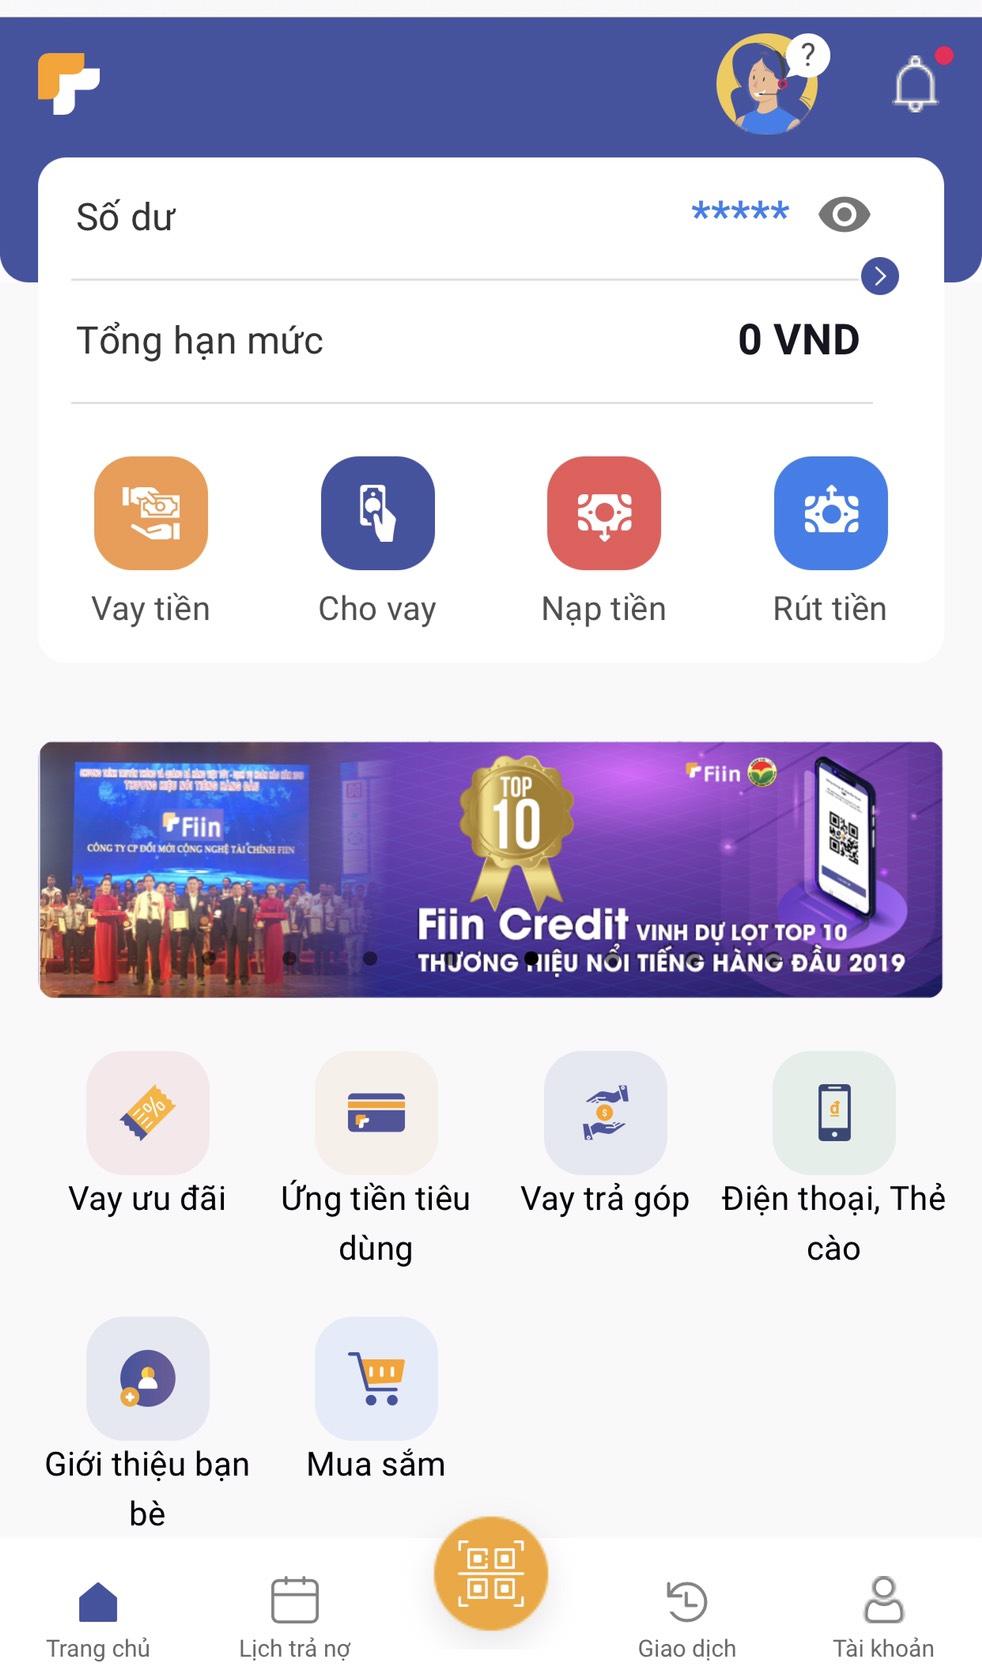 Fiin Credit - Ứng dụng Fintech toàn diện tại Việt Nam